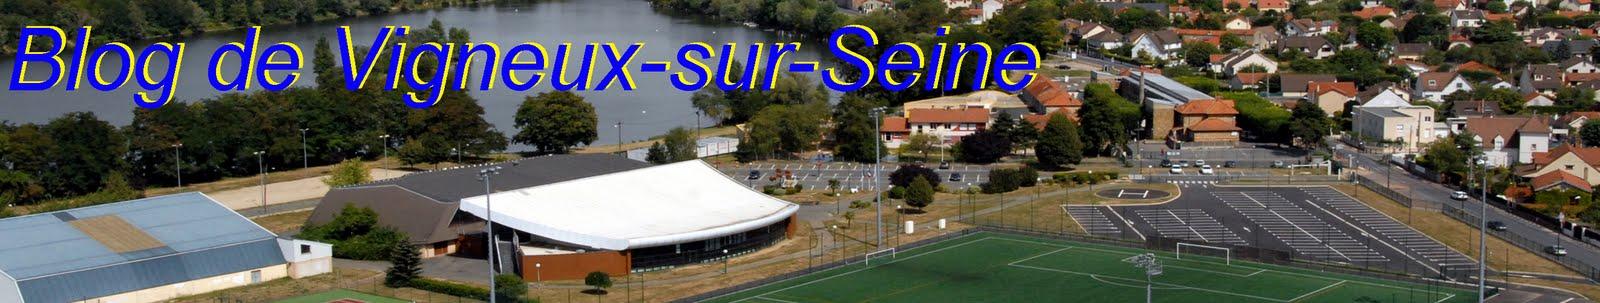 Blog de la Ville de Vigneux-sur-Seine